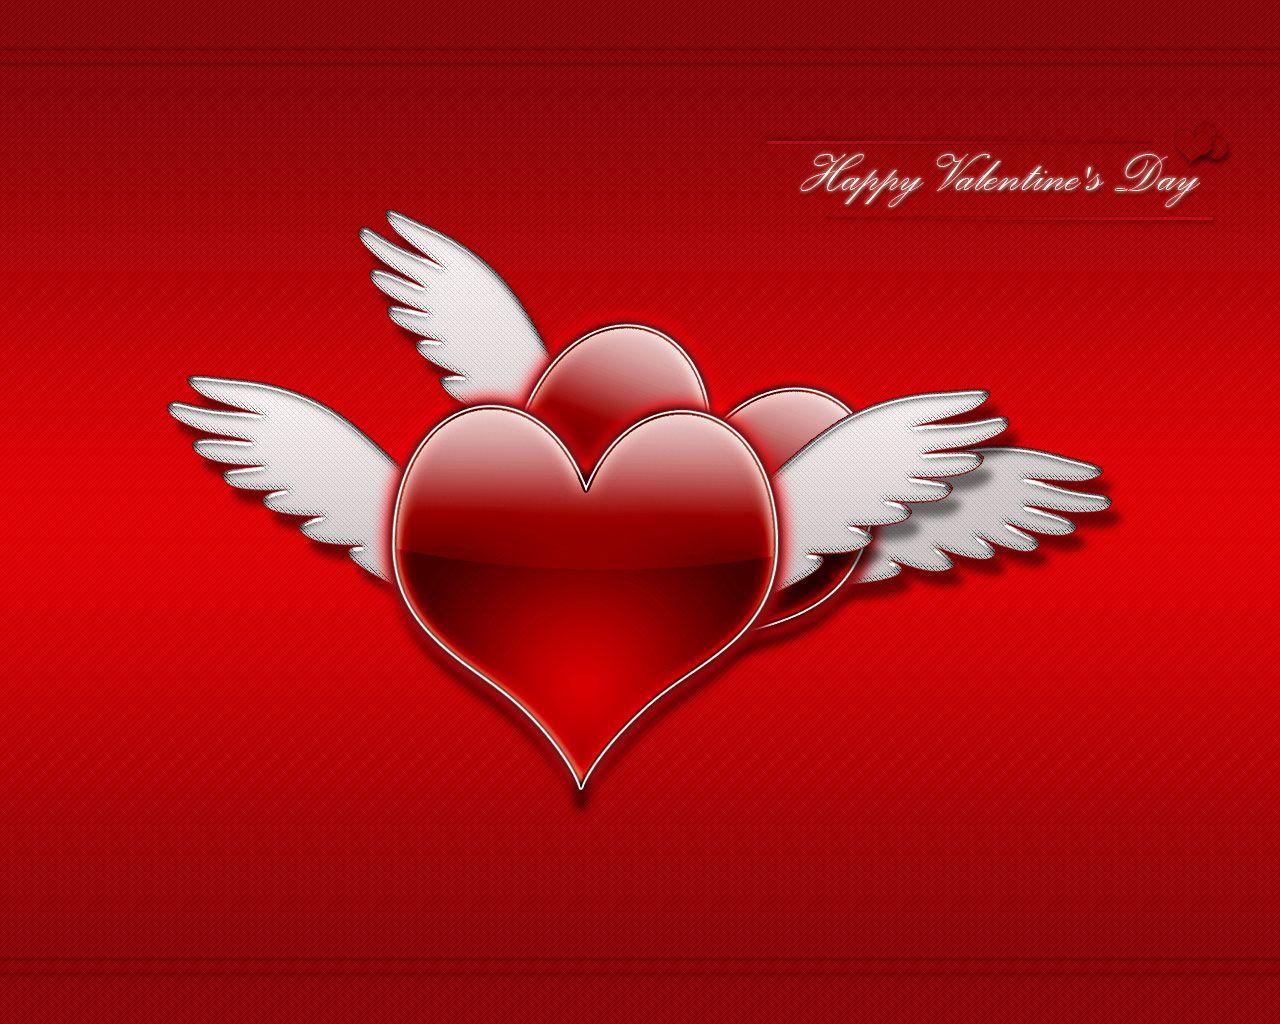 два сердца с крыльями, скачать фото, обои на рабочий стол, hearts